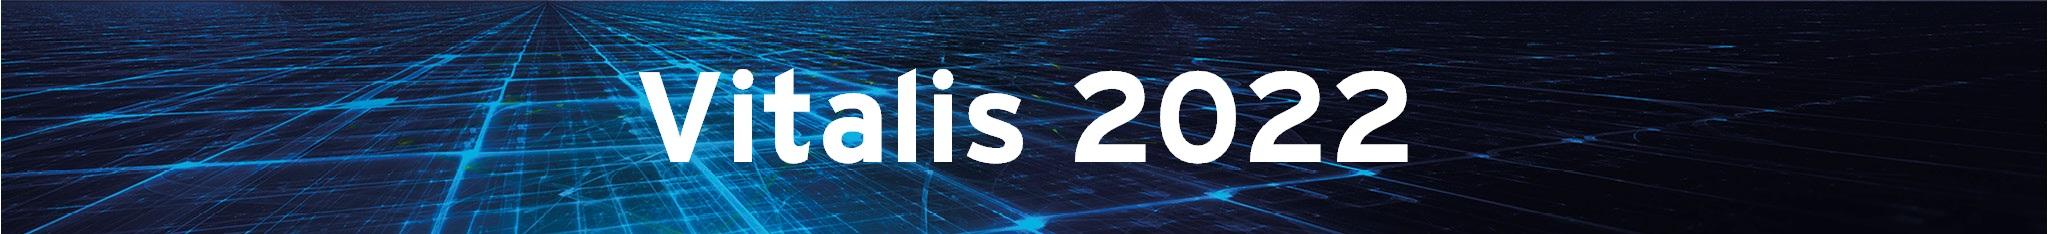 Huvudbild för Vitalis 2022